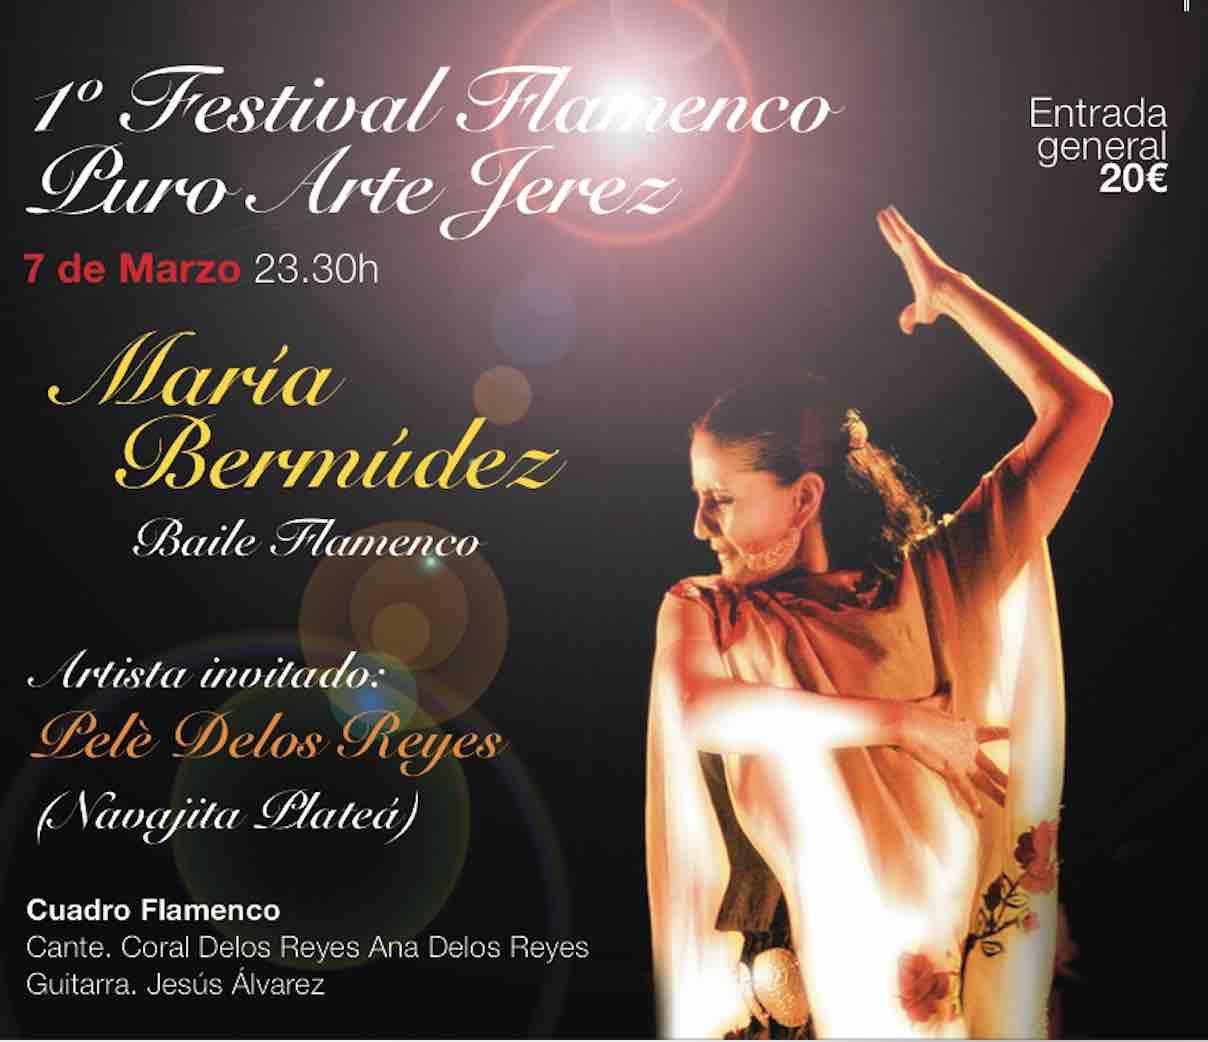 FESTIVAL FLAMENCO PURO ARTE. María Bermúdez y Pele de los Reyes (Navajita Plateá) y su cuadro